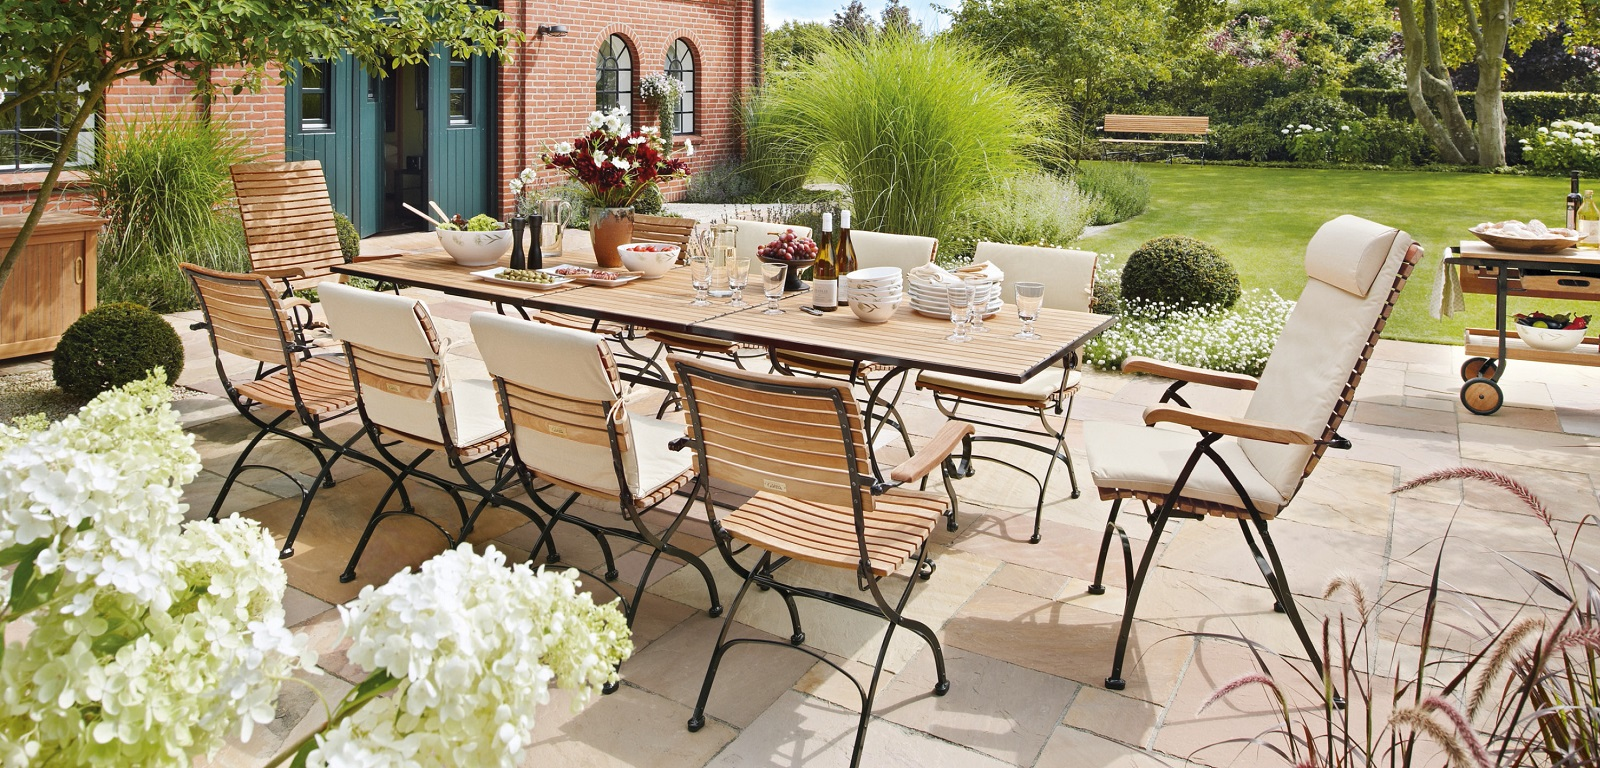 garpa van valderen exclusieve tuinmeubelen eersel. Black Bedroom Furniture Sets. Home Design Ideas